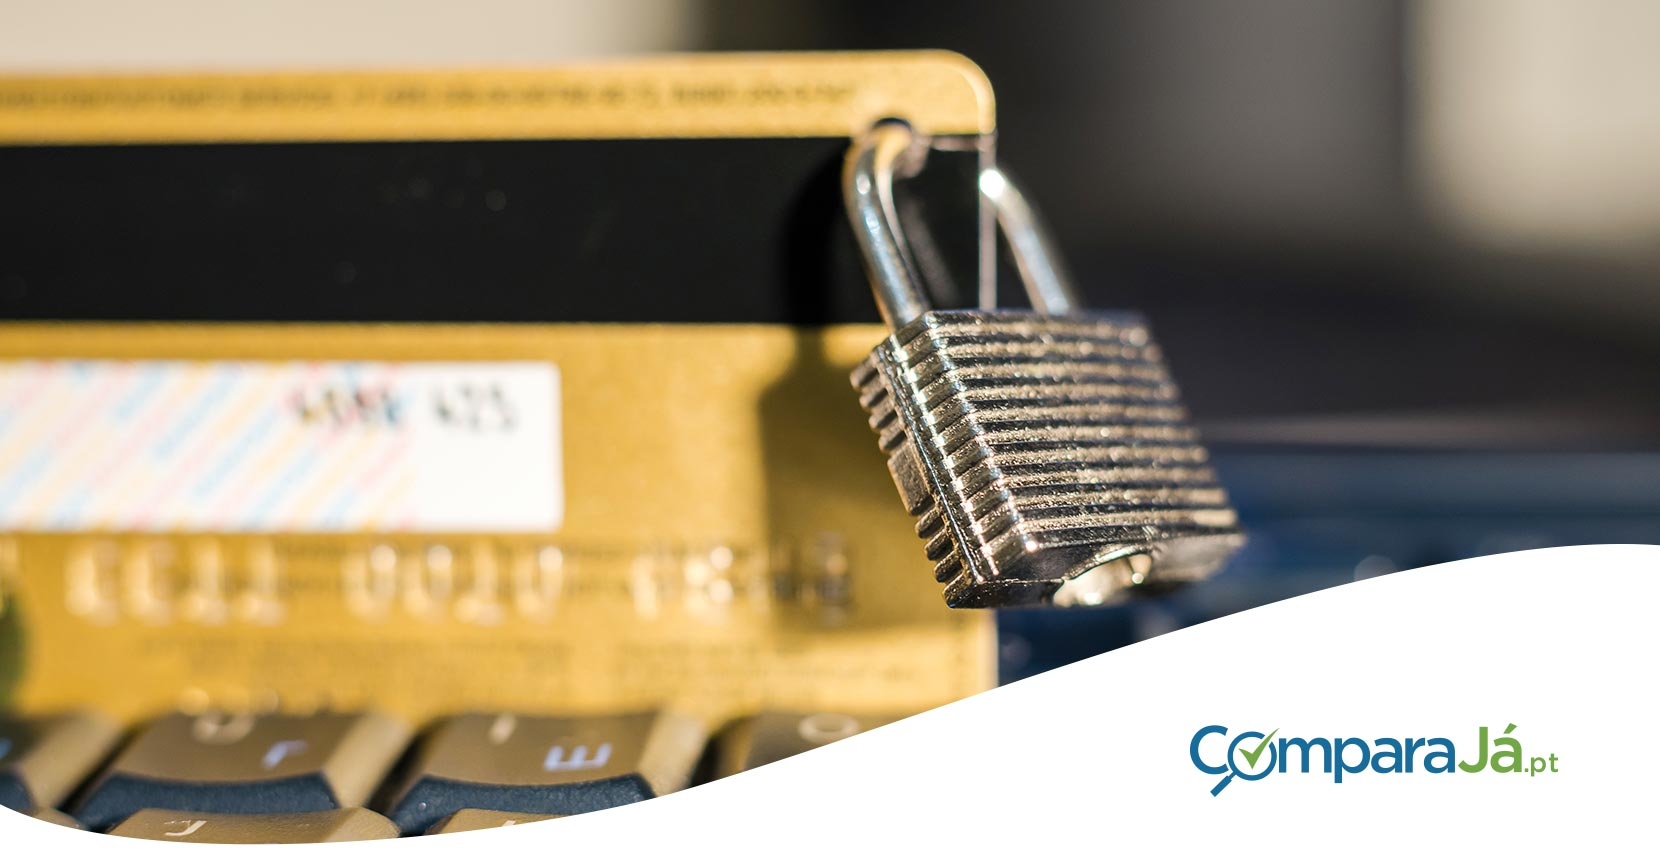 cartão de crédito no estrangeiro